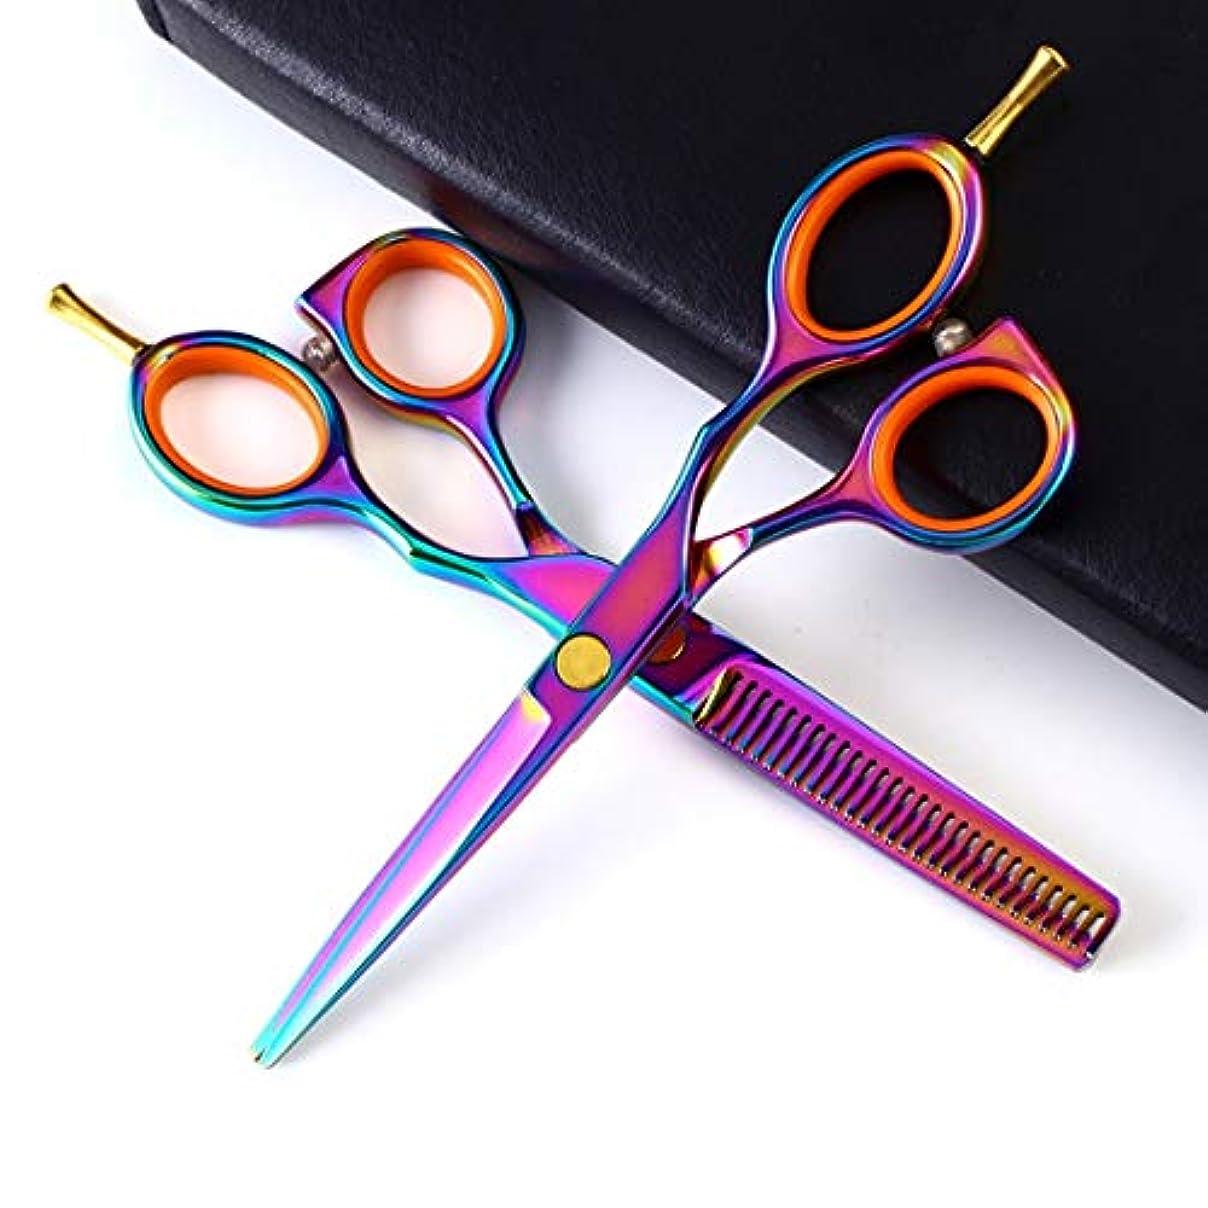 会計腫瘍薬Jiaoran 5.5インチの毛の切断のはさみの専門のステンレス鋼のヘアカットのせん断の歯のはさみ+平らなはさみセット (Color : Colorful)